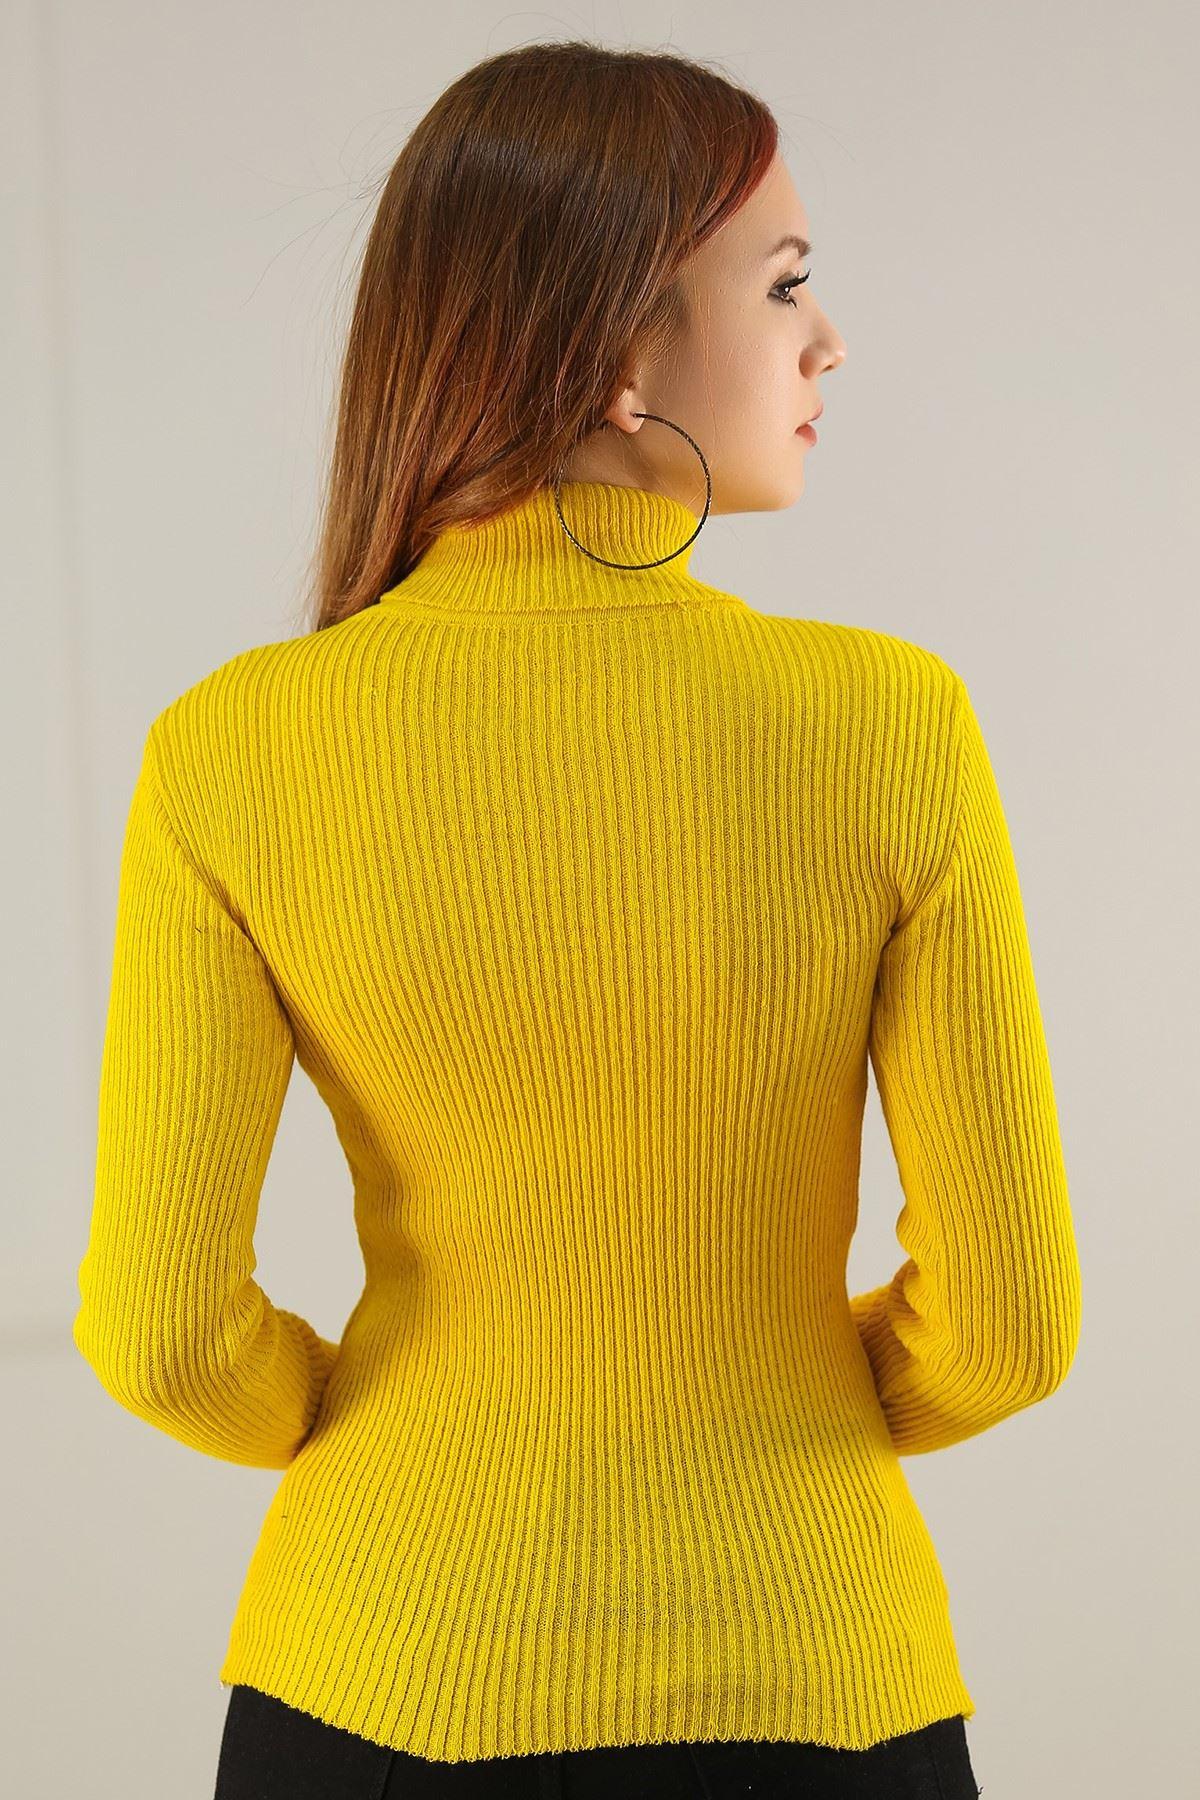 Boğazlı Body Sarı - 4592.1319.